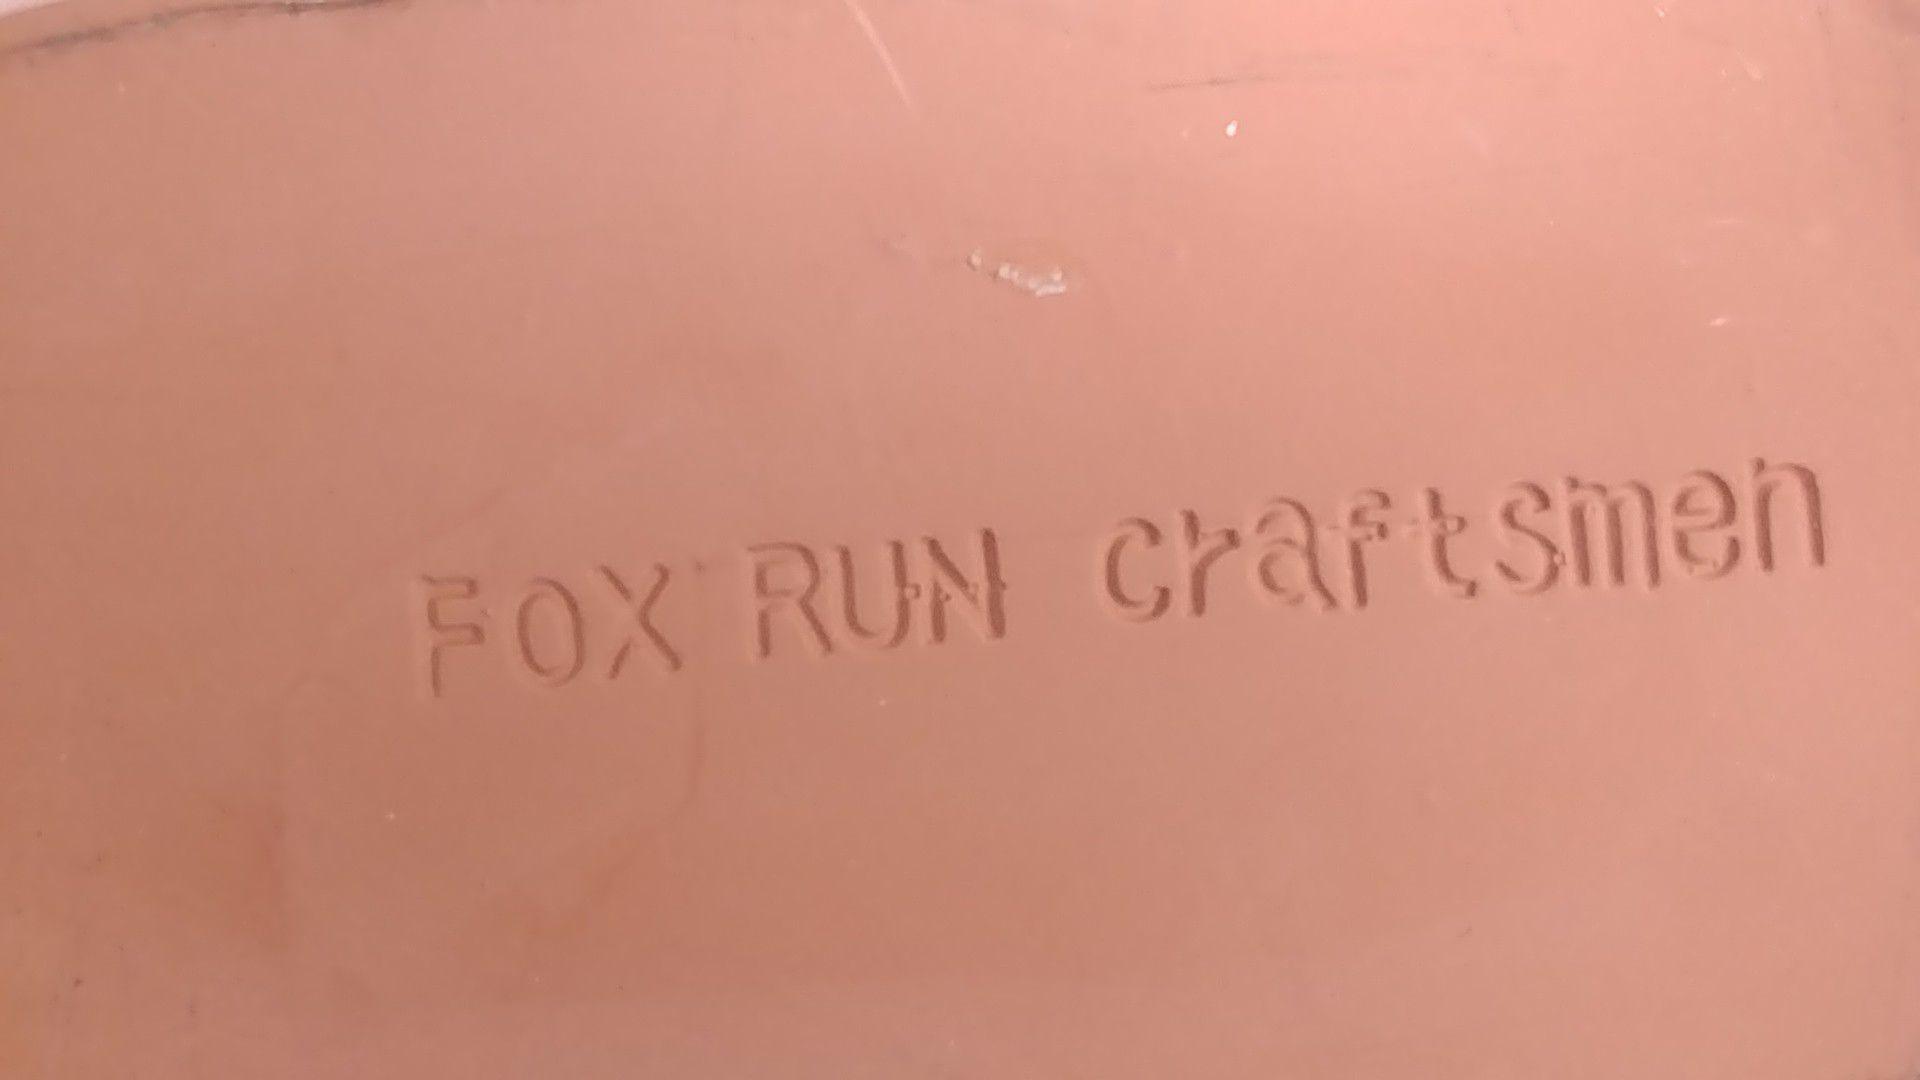 Fox run bakeware